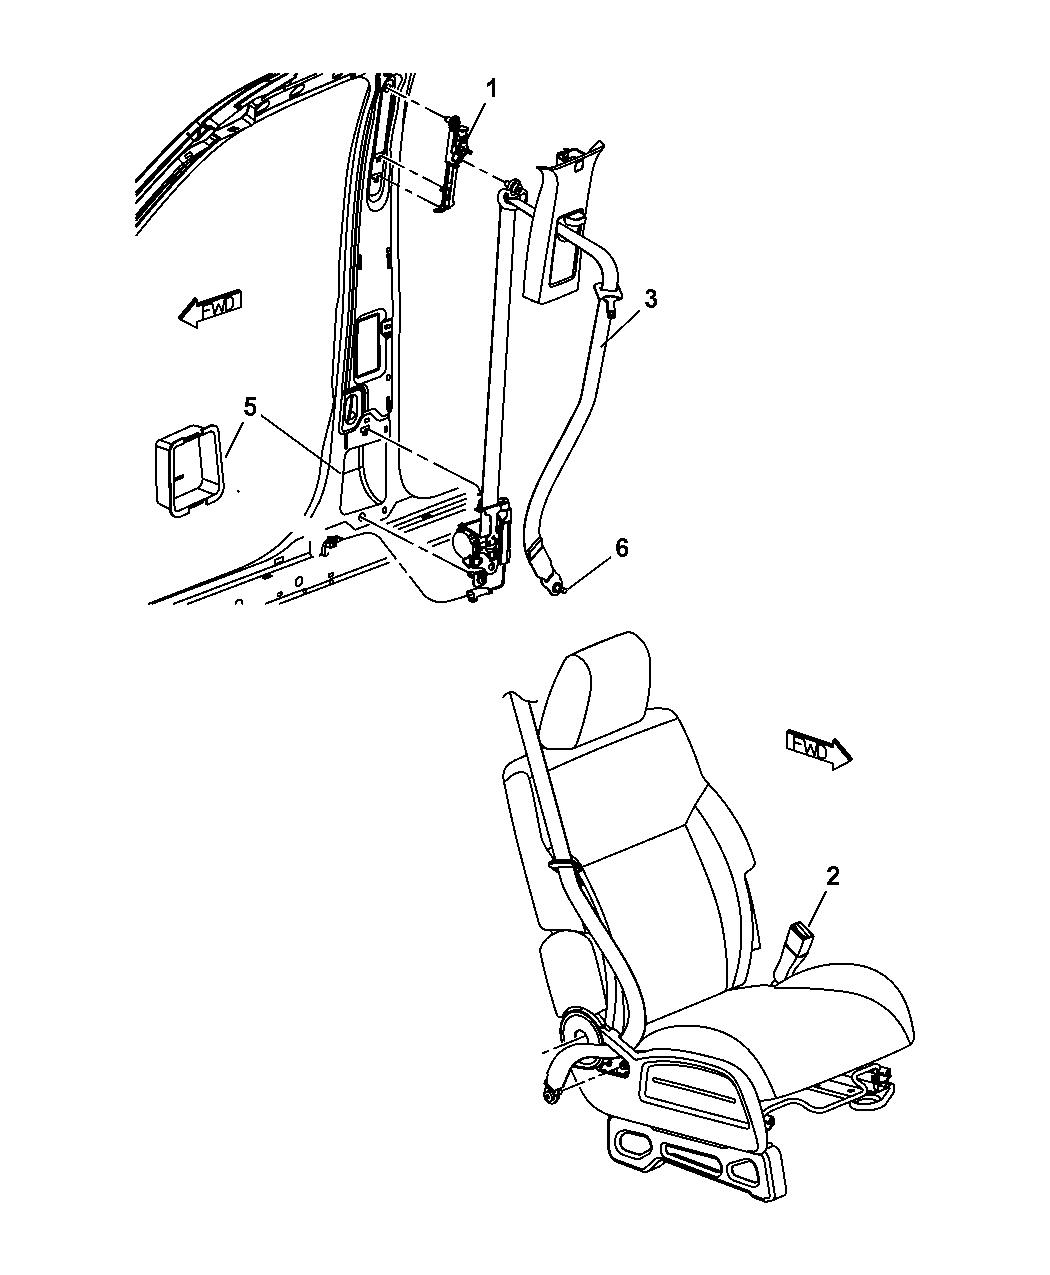 5kj641j8ab genuine dodge seatbelt frontinner. Black Bedroom Furniture Sets. Home Design Ideas